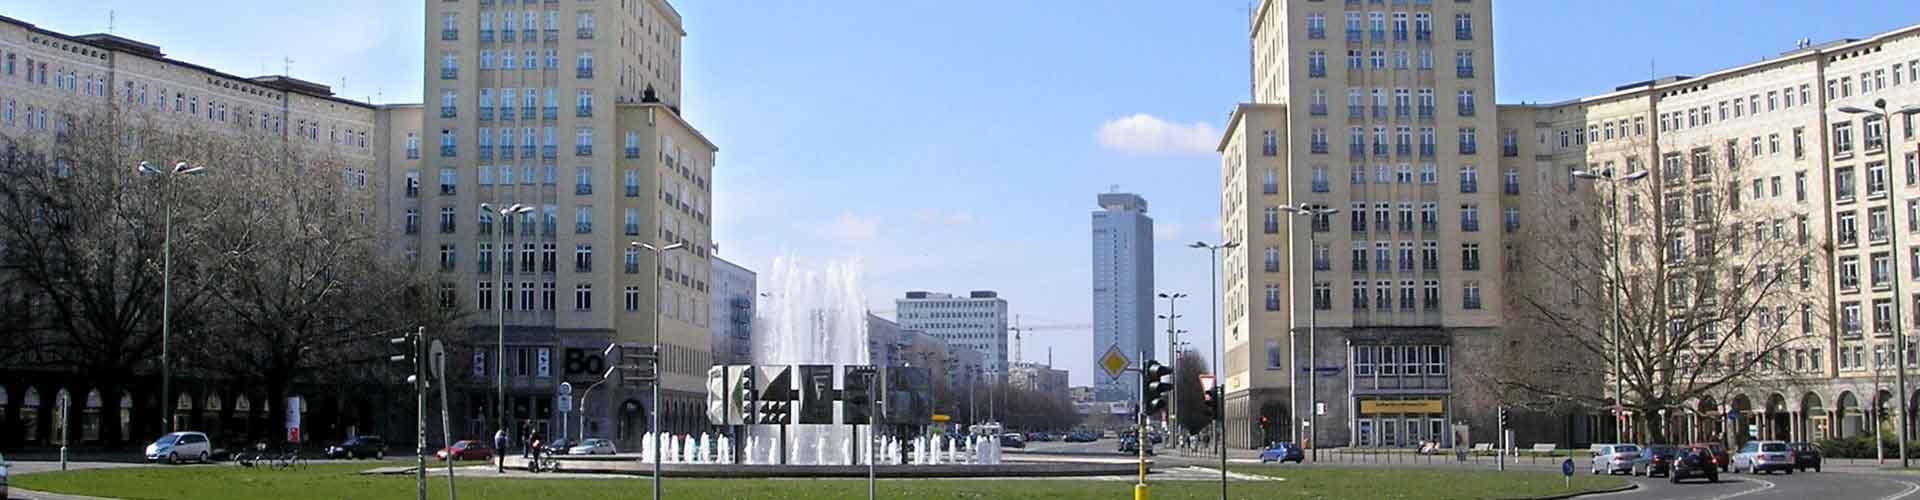 베를린 - 칼 맑스 알리에 가까운 호텔. 베를린의 지도, 베를린에 위치한 호텔에 대한 사진 및 리뷰.